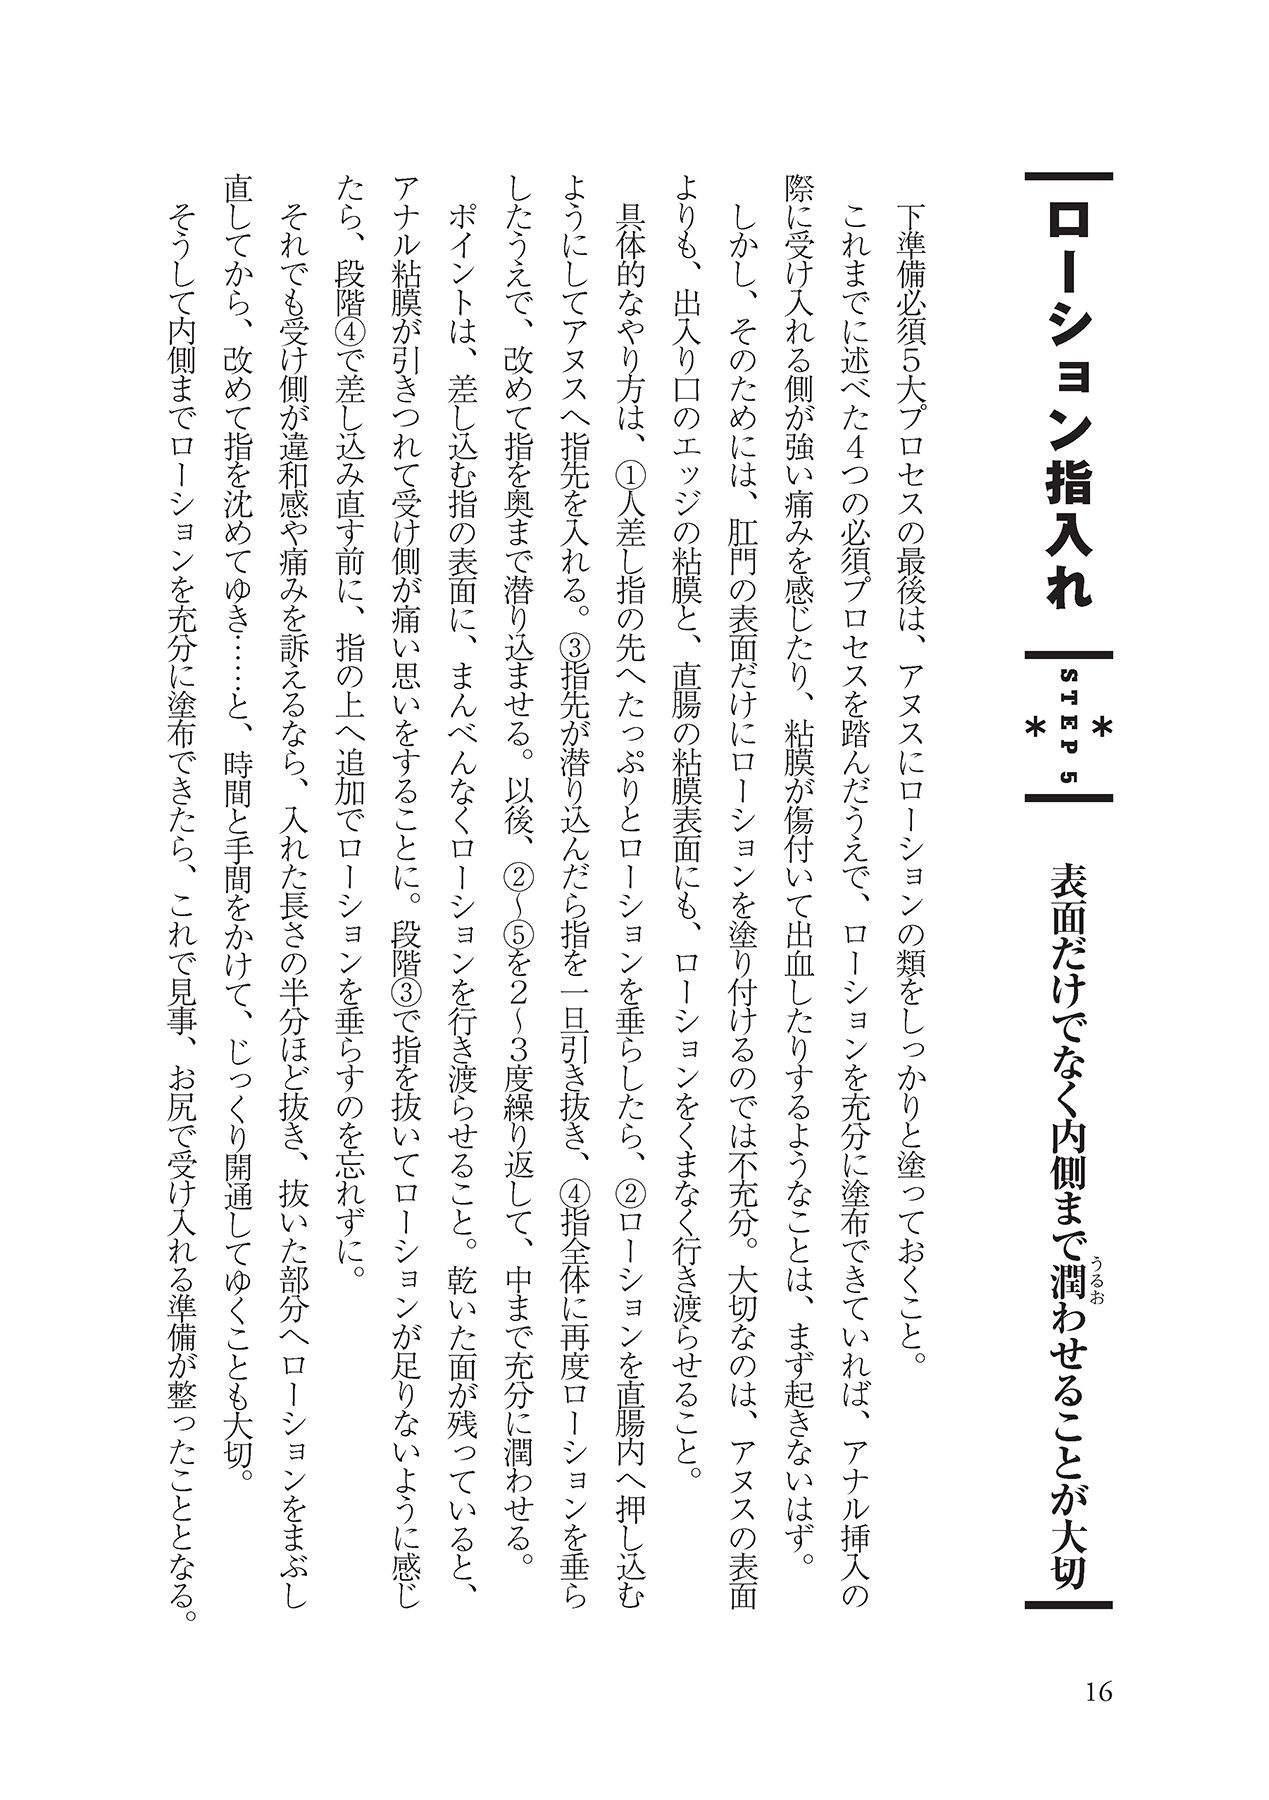 アナル性感開発・お尻エッチ 完全マニュアル 17